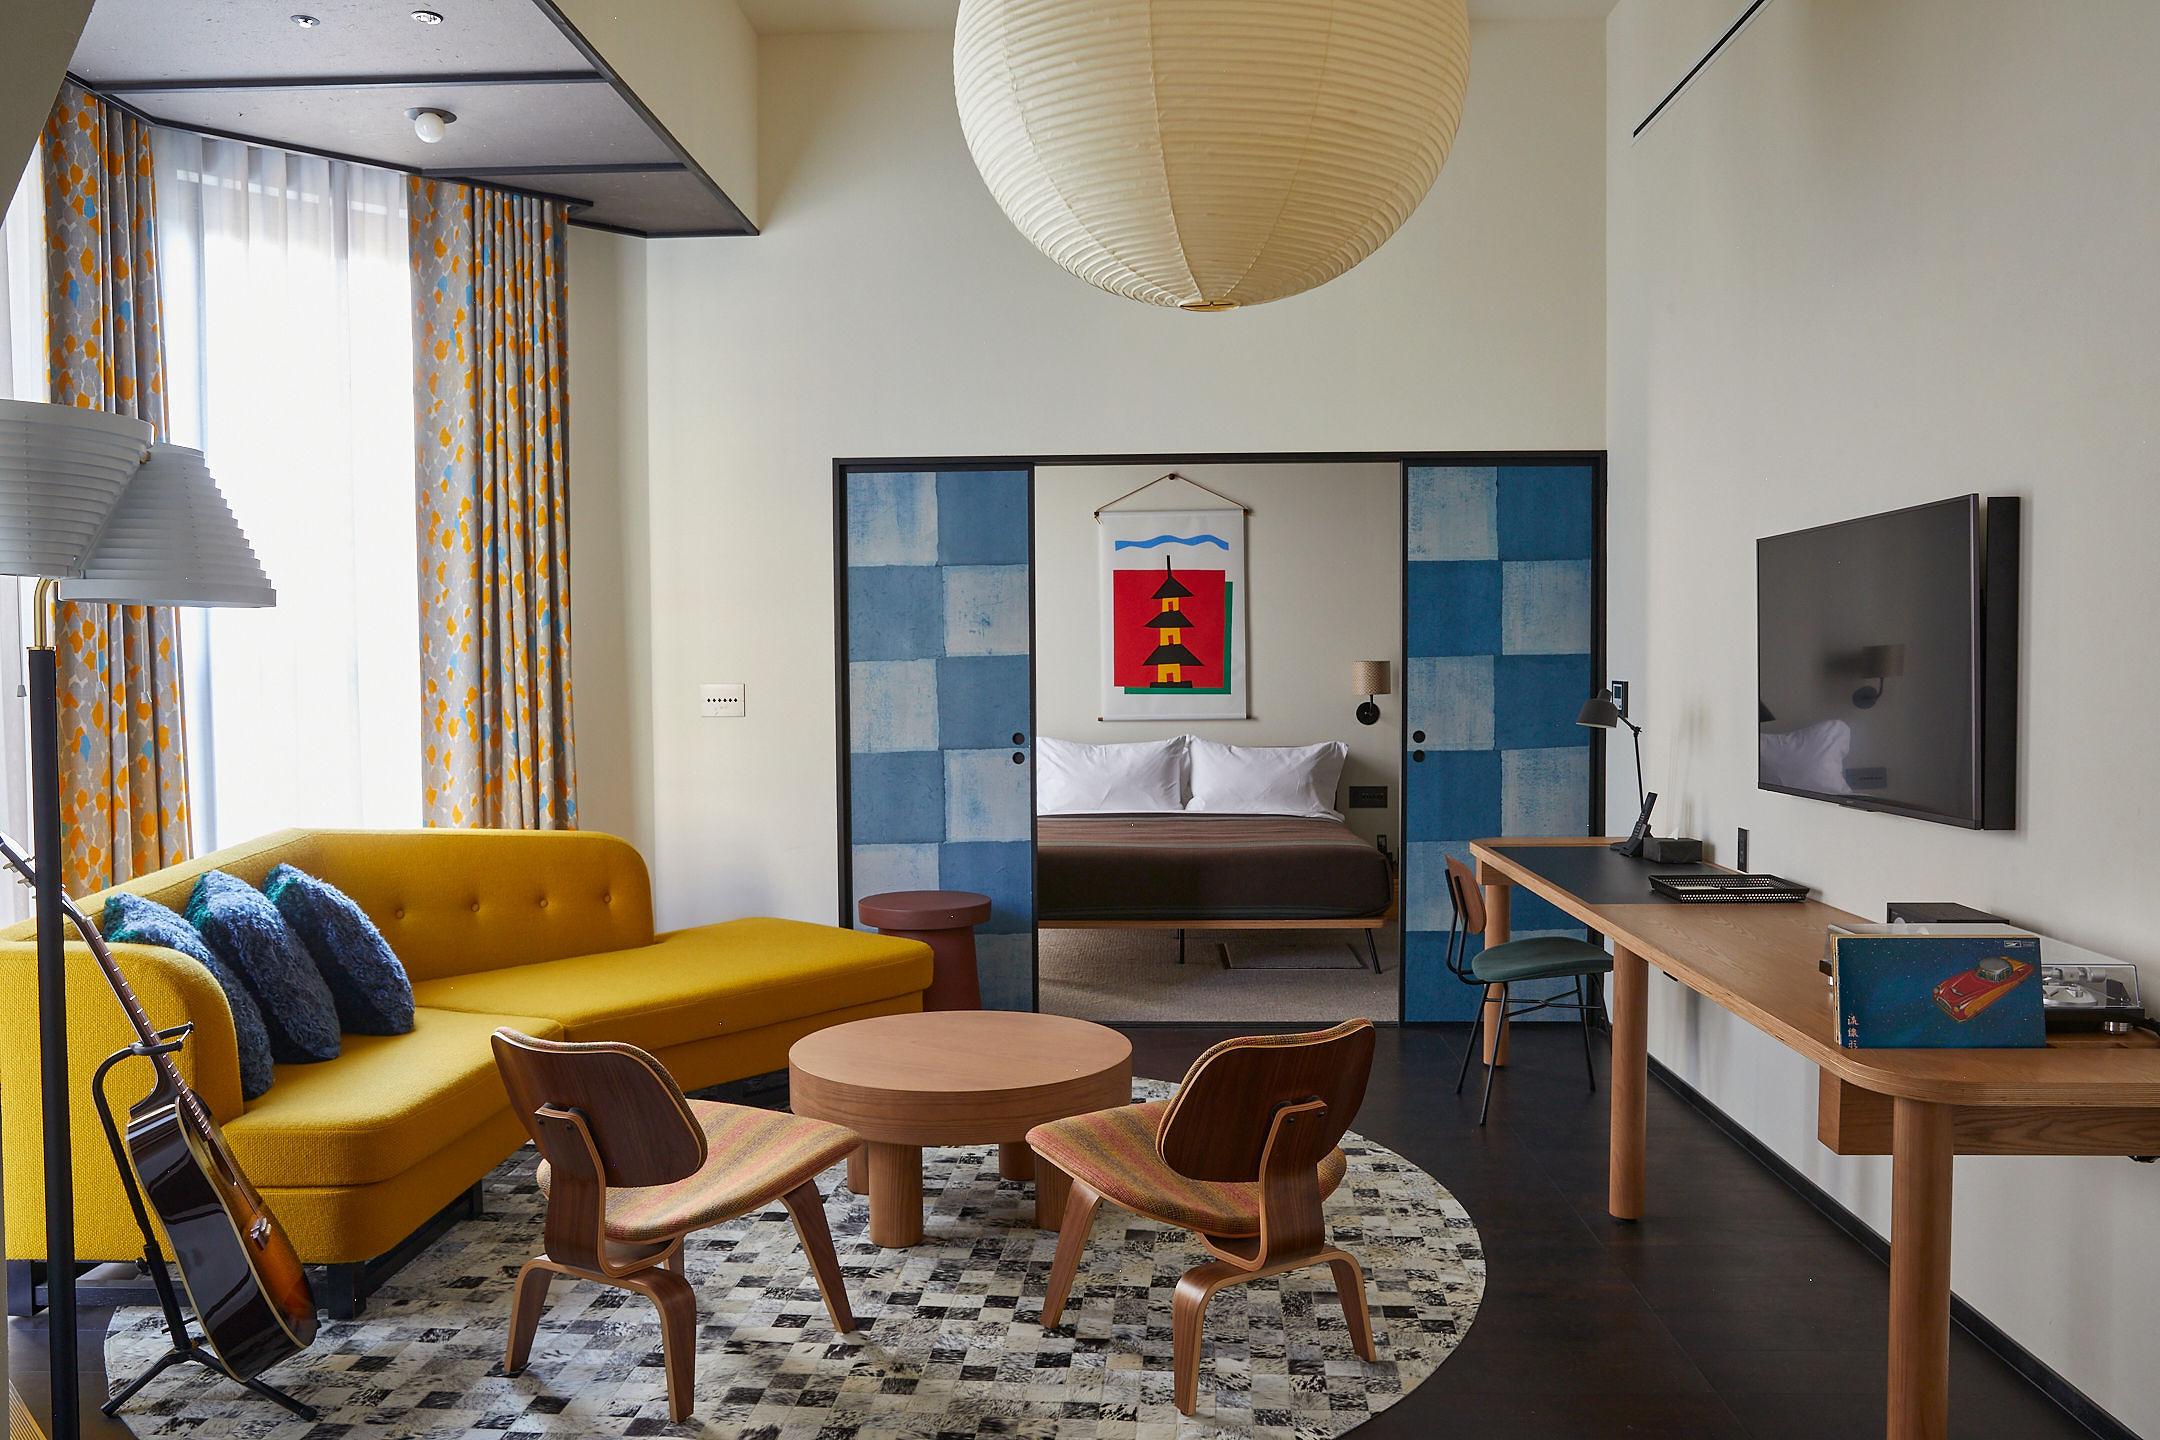 (C)Yoshihiro Makino<br /> 保存棟のスイート「Ace Suite」は、市松模様の襖やミッドセンチュリースタイルのソファ、[ミナ ペルホネン]のカーテンなどが見事に調和